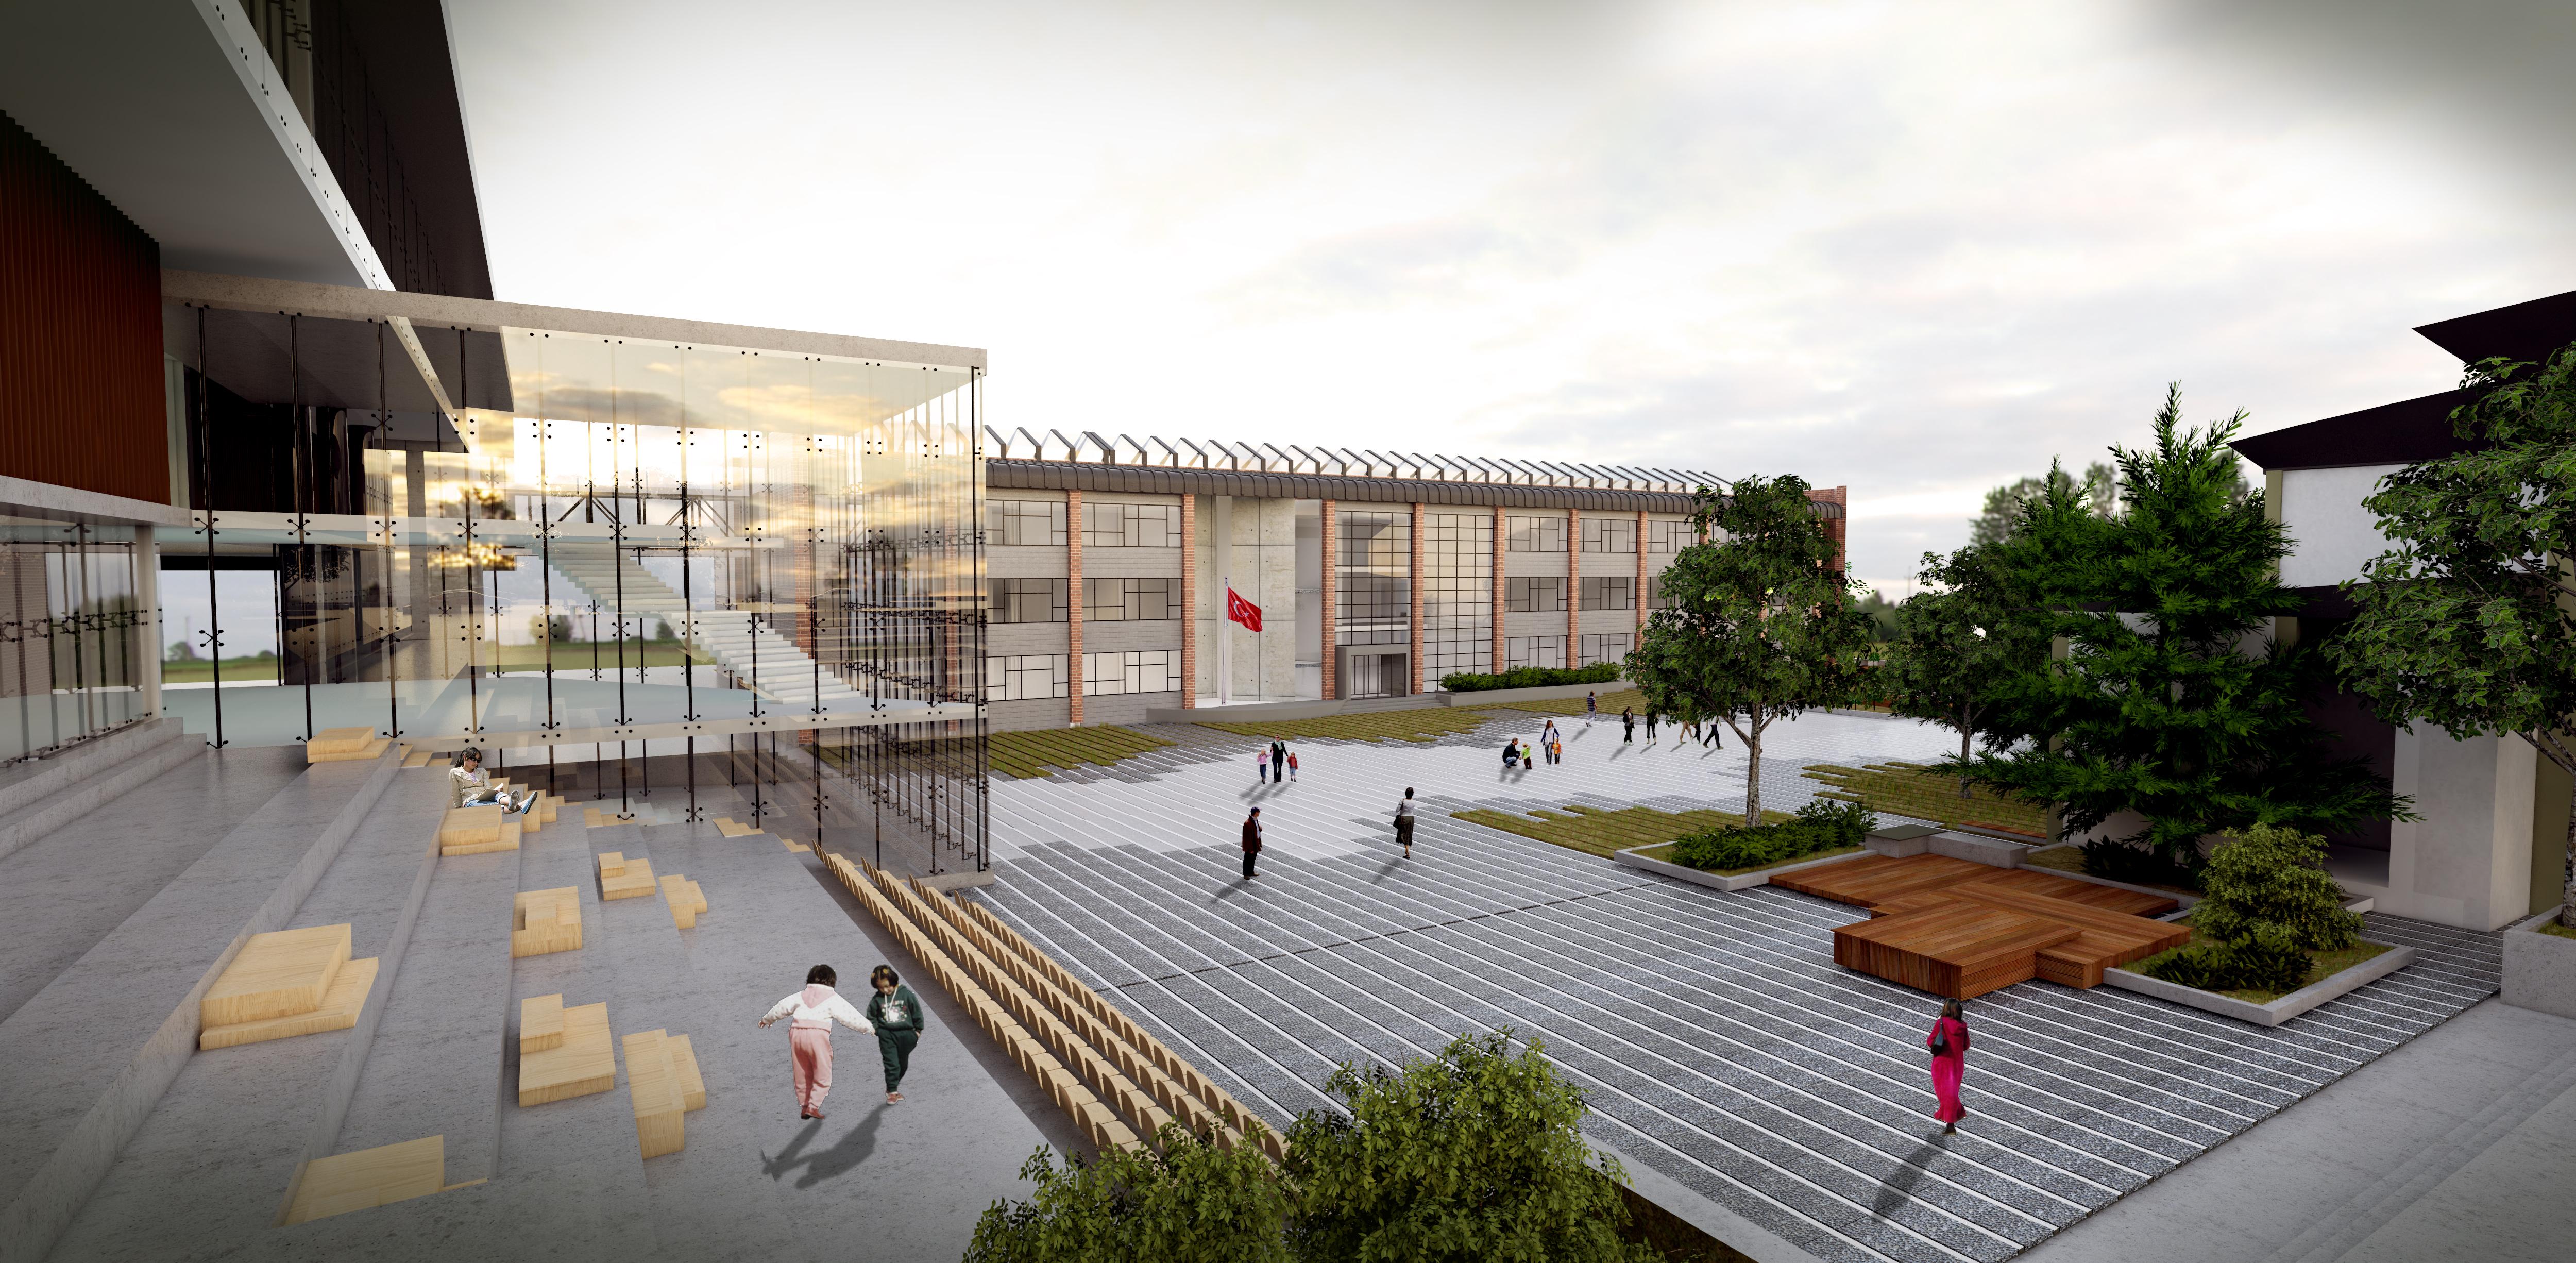 Açık Amfi, Kütüphane ve Lise Binası